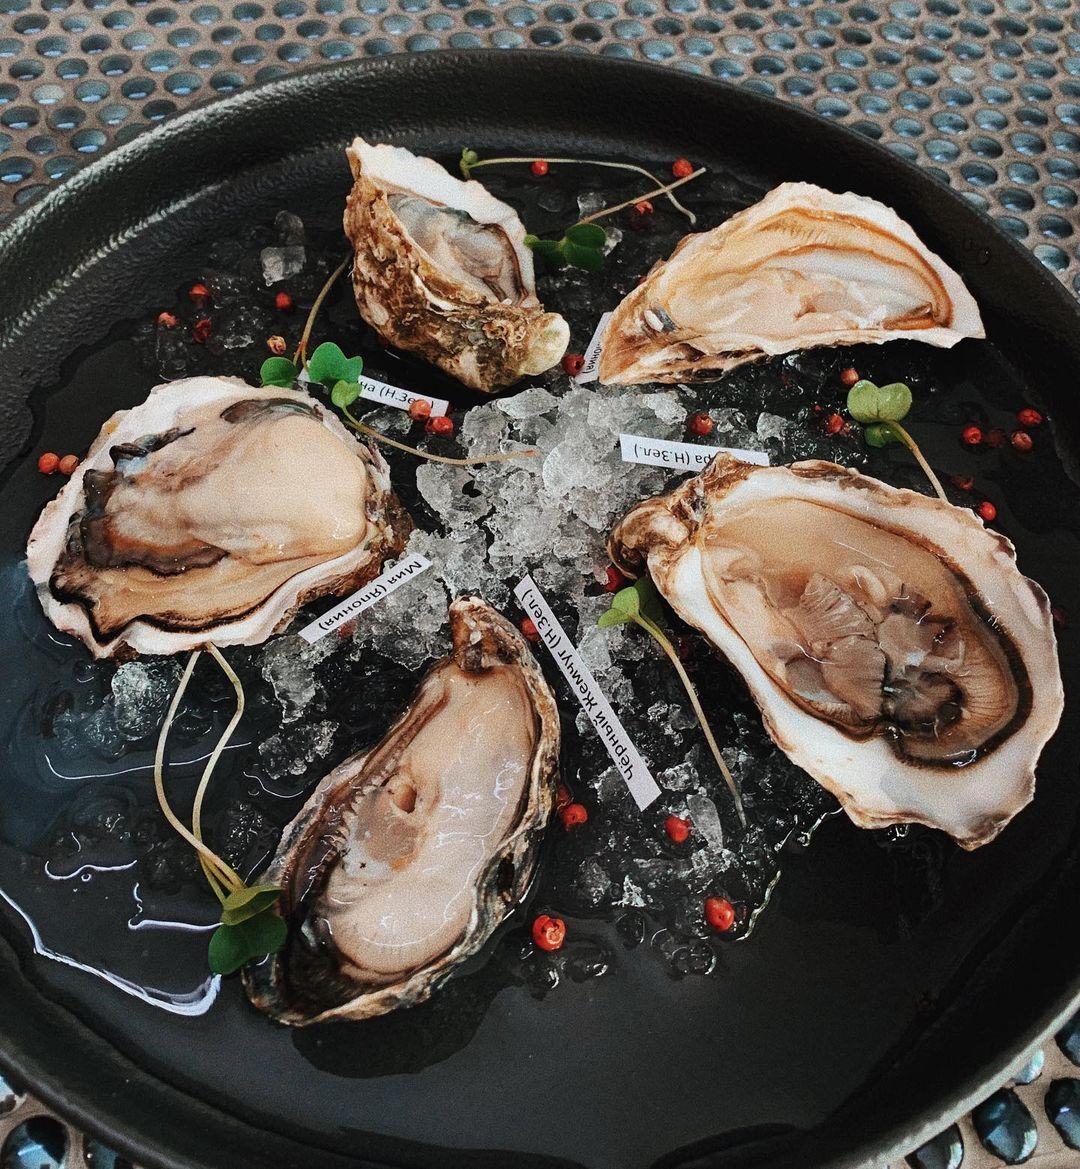 Устричный бар Yummy Oysters, Анапа